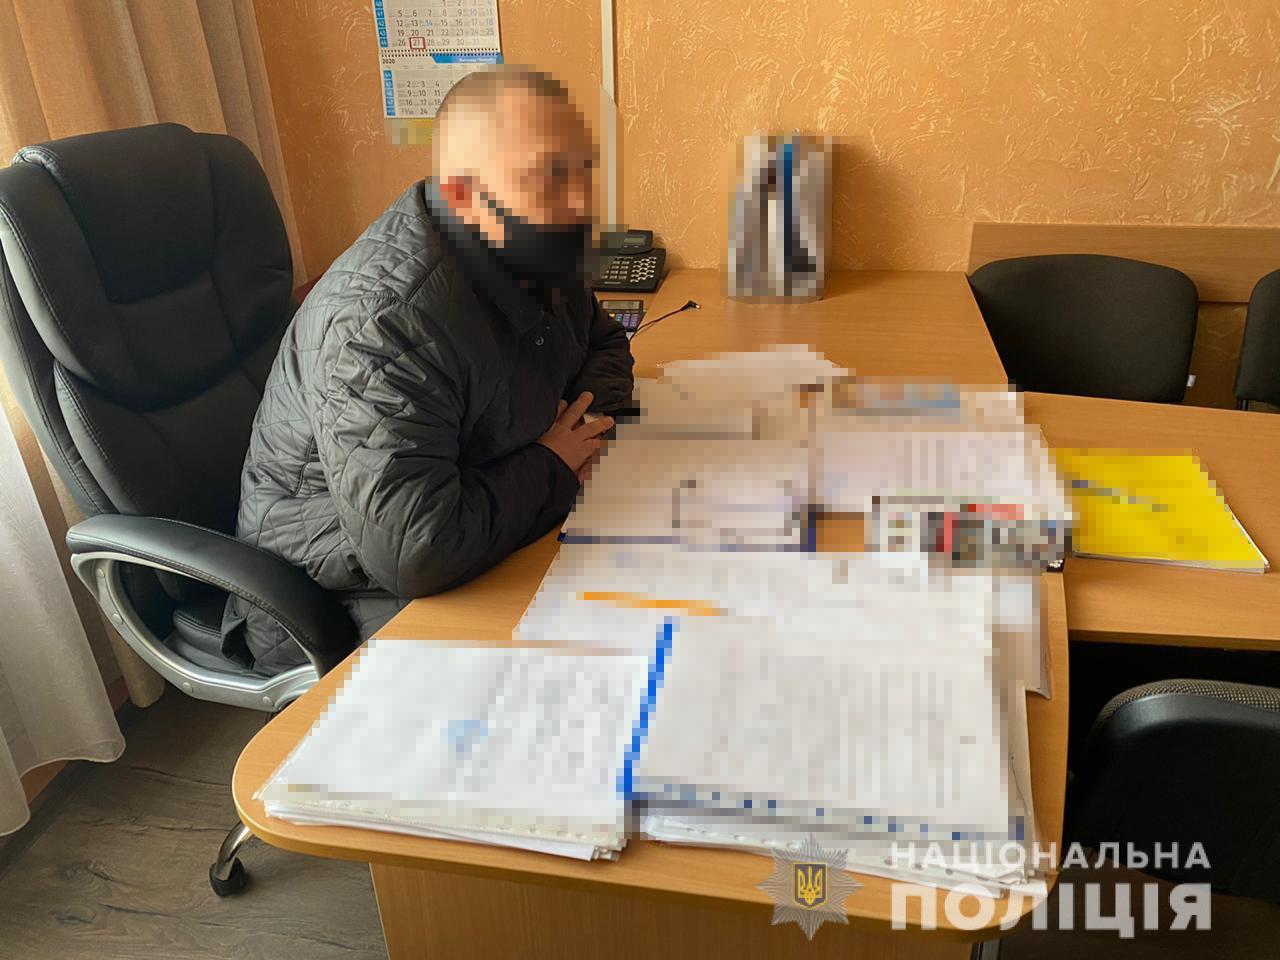 Ректор університету в Сумах попалився на хабарництві